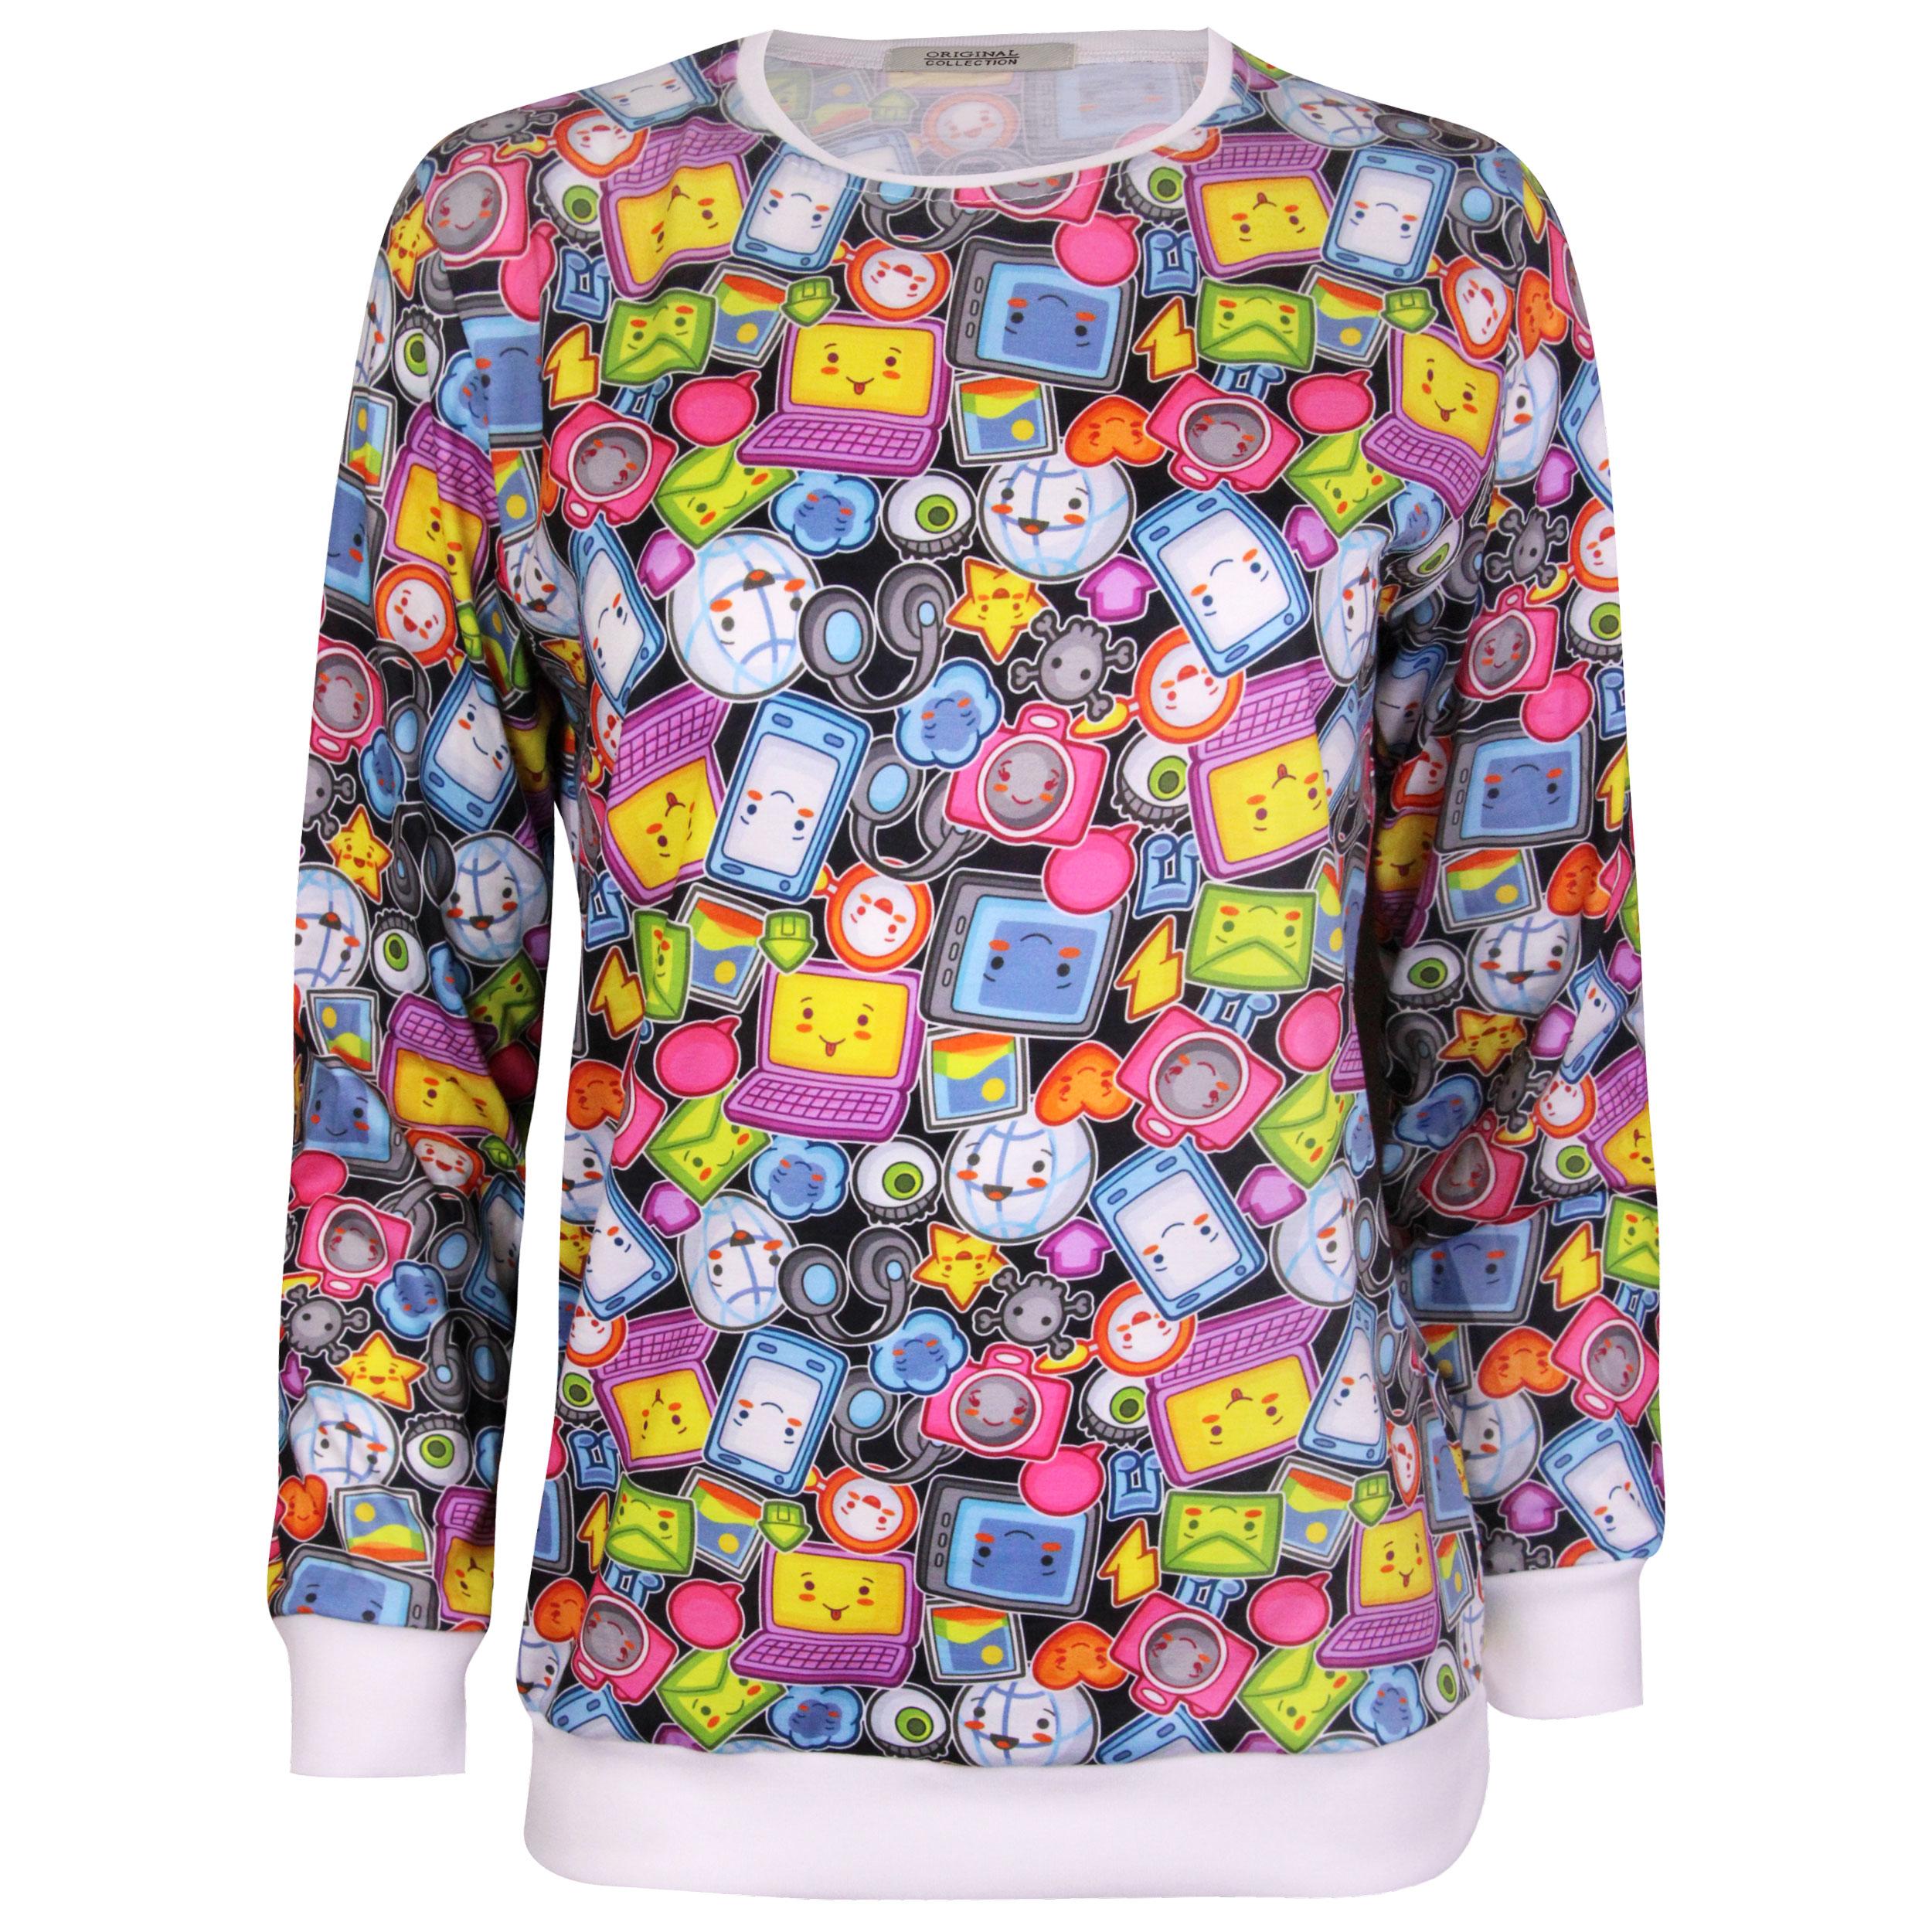 ست تی شرت و شلوار زنانه ماییلدا مدل 3587-3 main 1 1